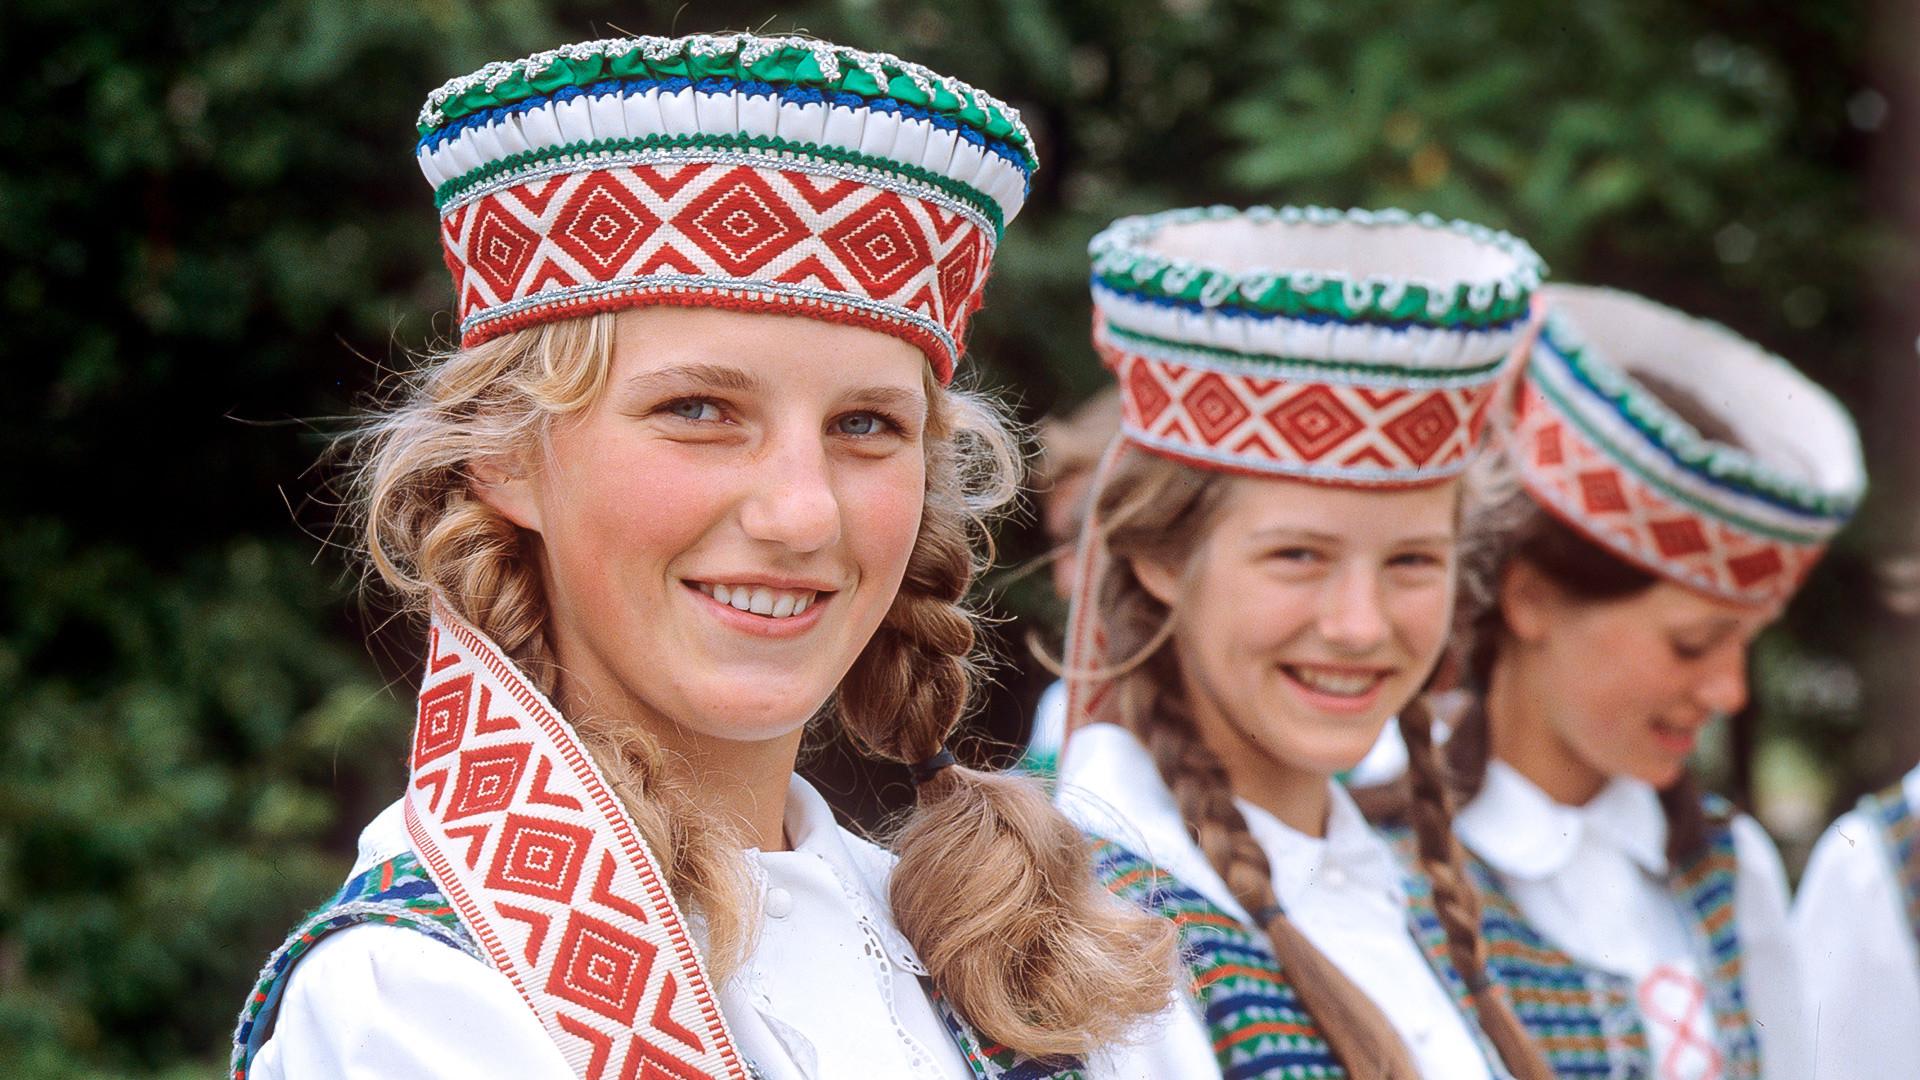 Jeunes filles en costumes traditionnels, Lituanie soviétique